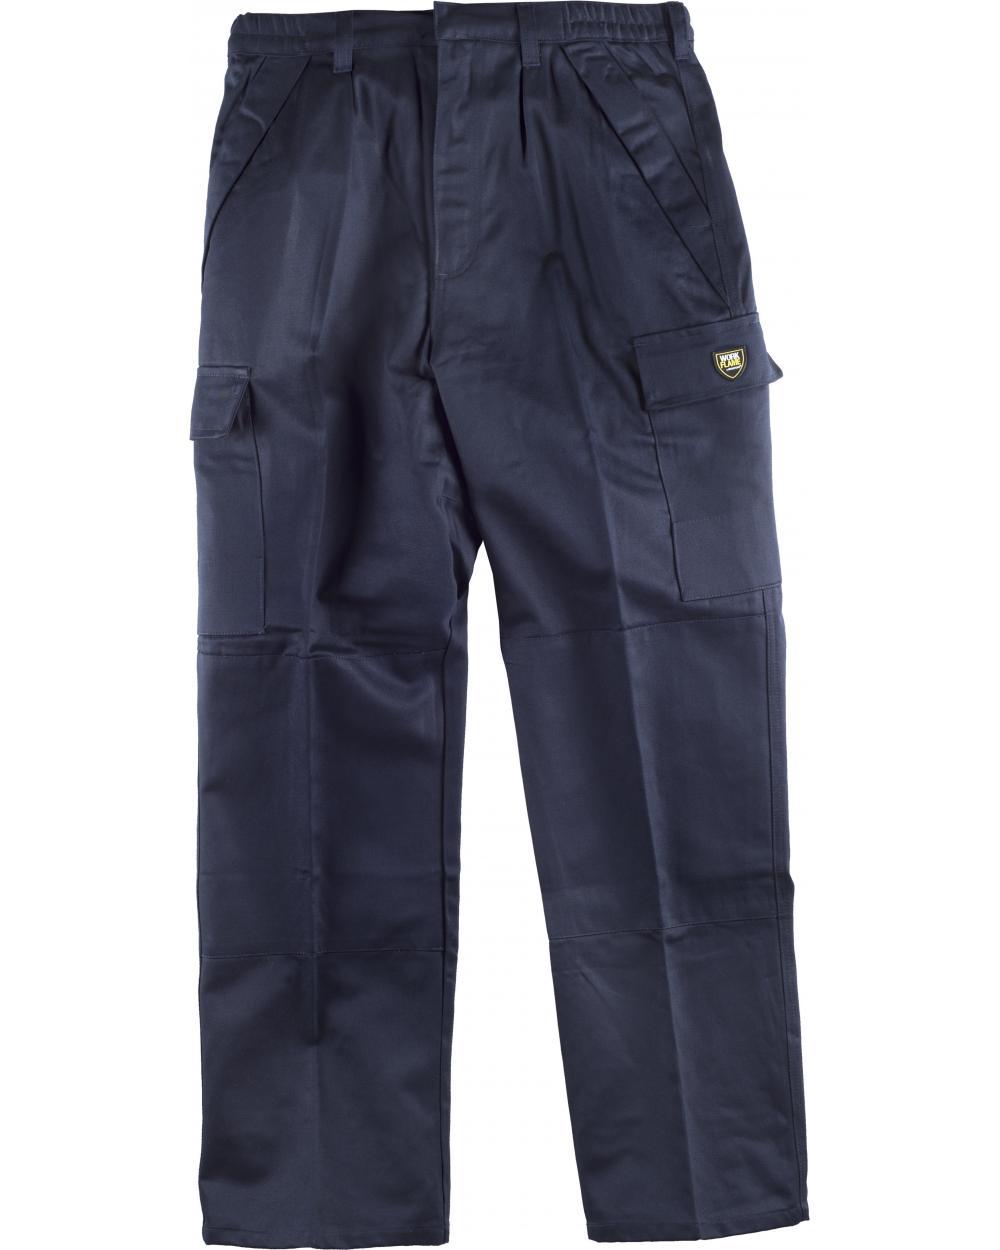 Comprar Pantalon ignifugo y antiestatico certificado B1493 Marino workteam delante